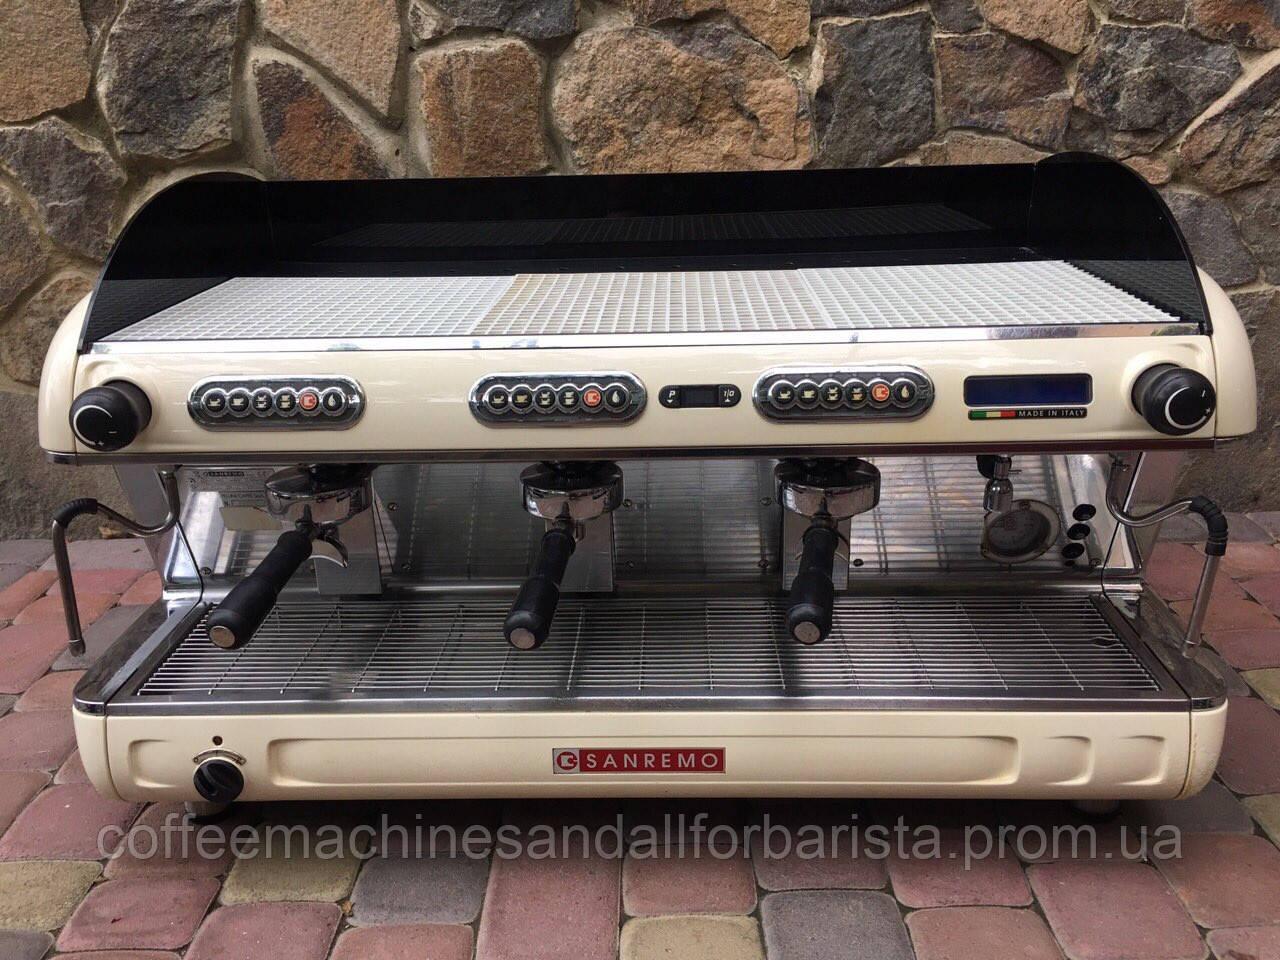 Кофемашина  Sanremo Verona (3группы мультибойлерная)